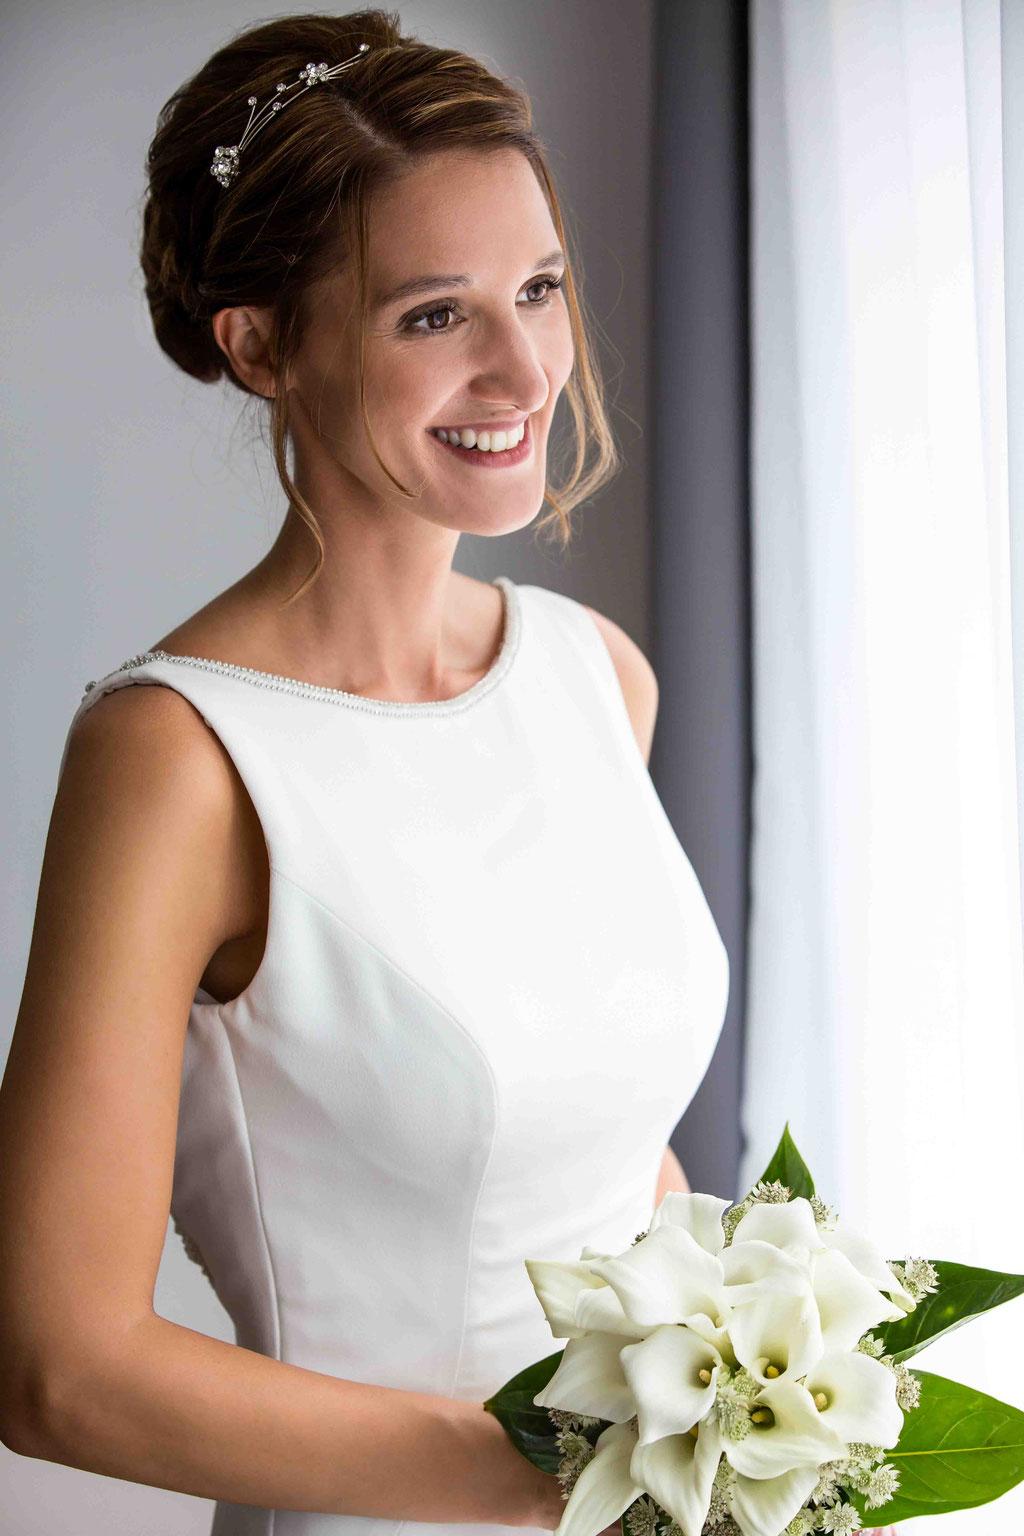 Brautportrait, Portrait der Braut, romantische Hochzeitsfotos, traumhaftes Hochzeitsbild, Premium Hochzeitsbilder